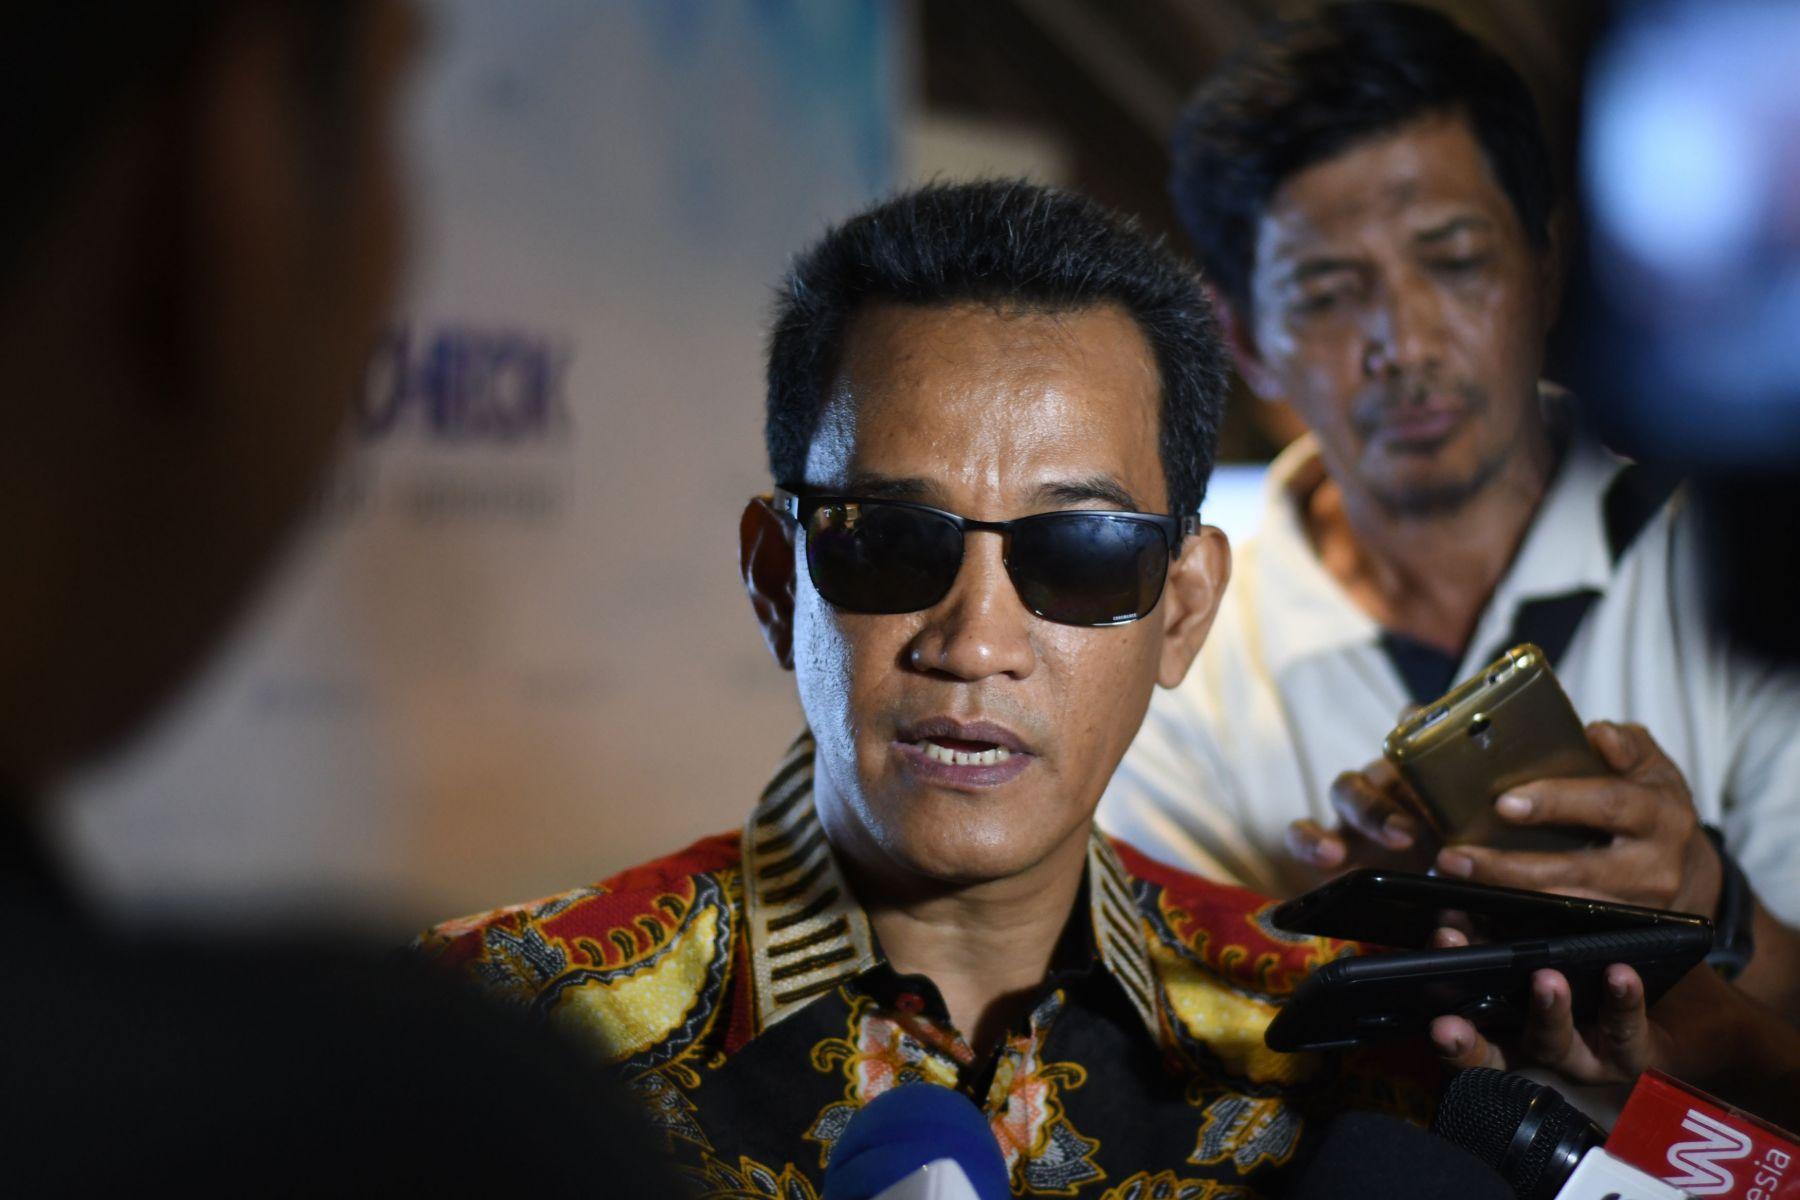 Polemik KPK, Refly Harun: Yakin Jokowi Mampu Selamatkan Novel Baswedan dkk?